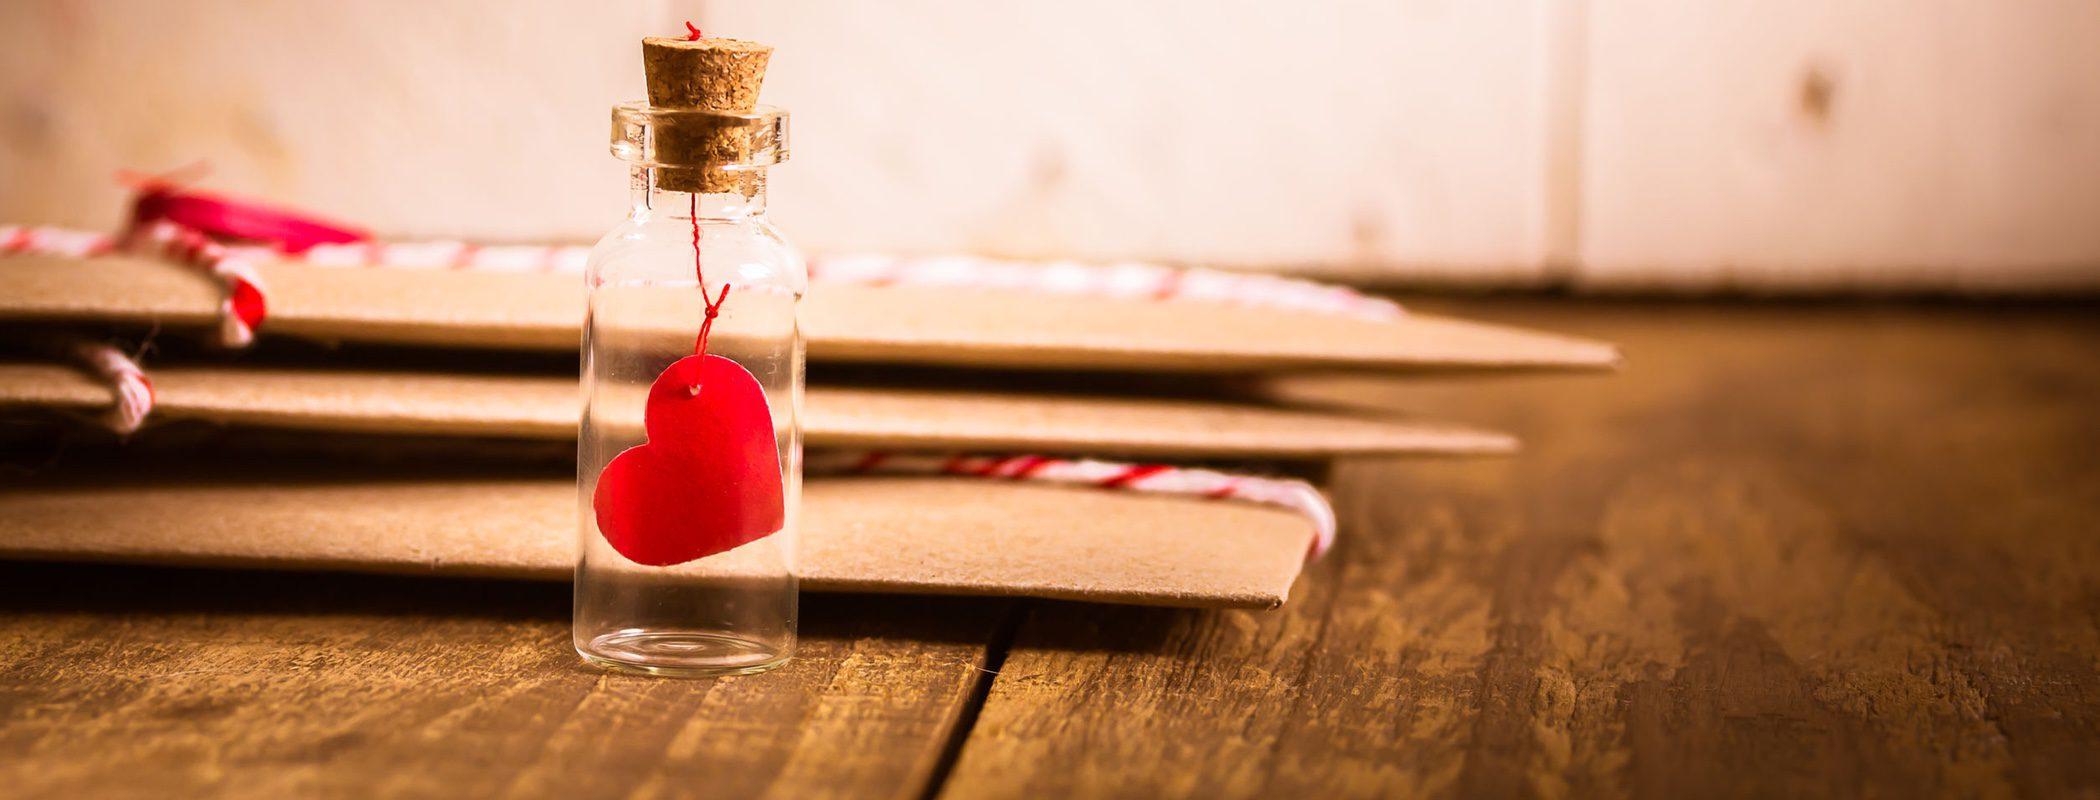 Cartas de despedida a un amor de verano